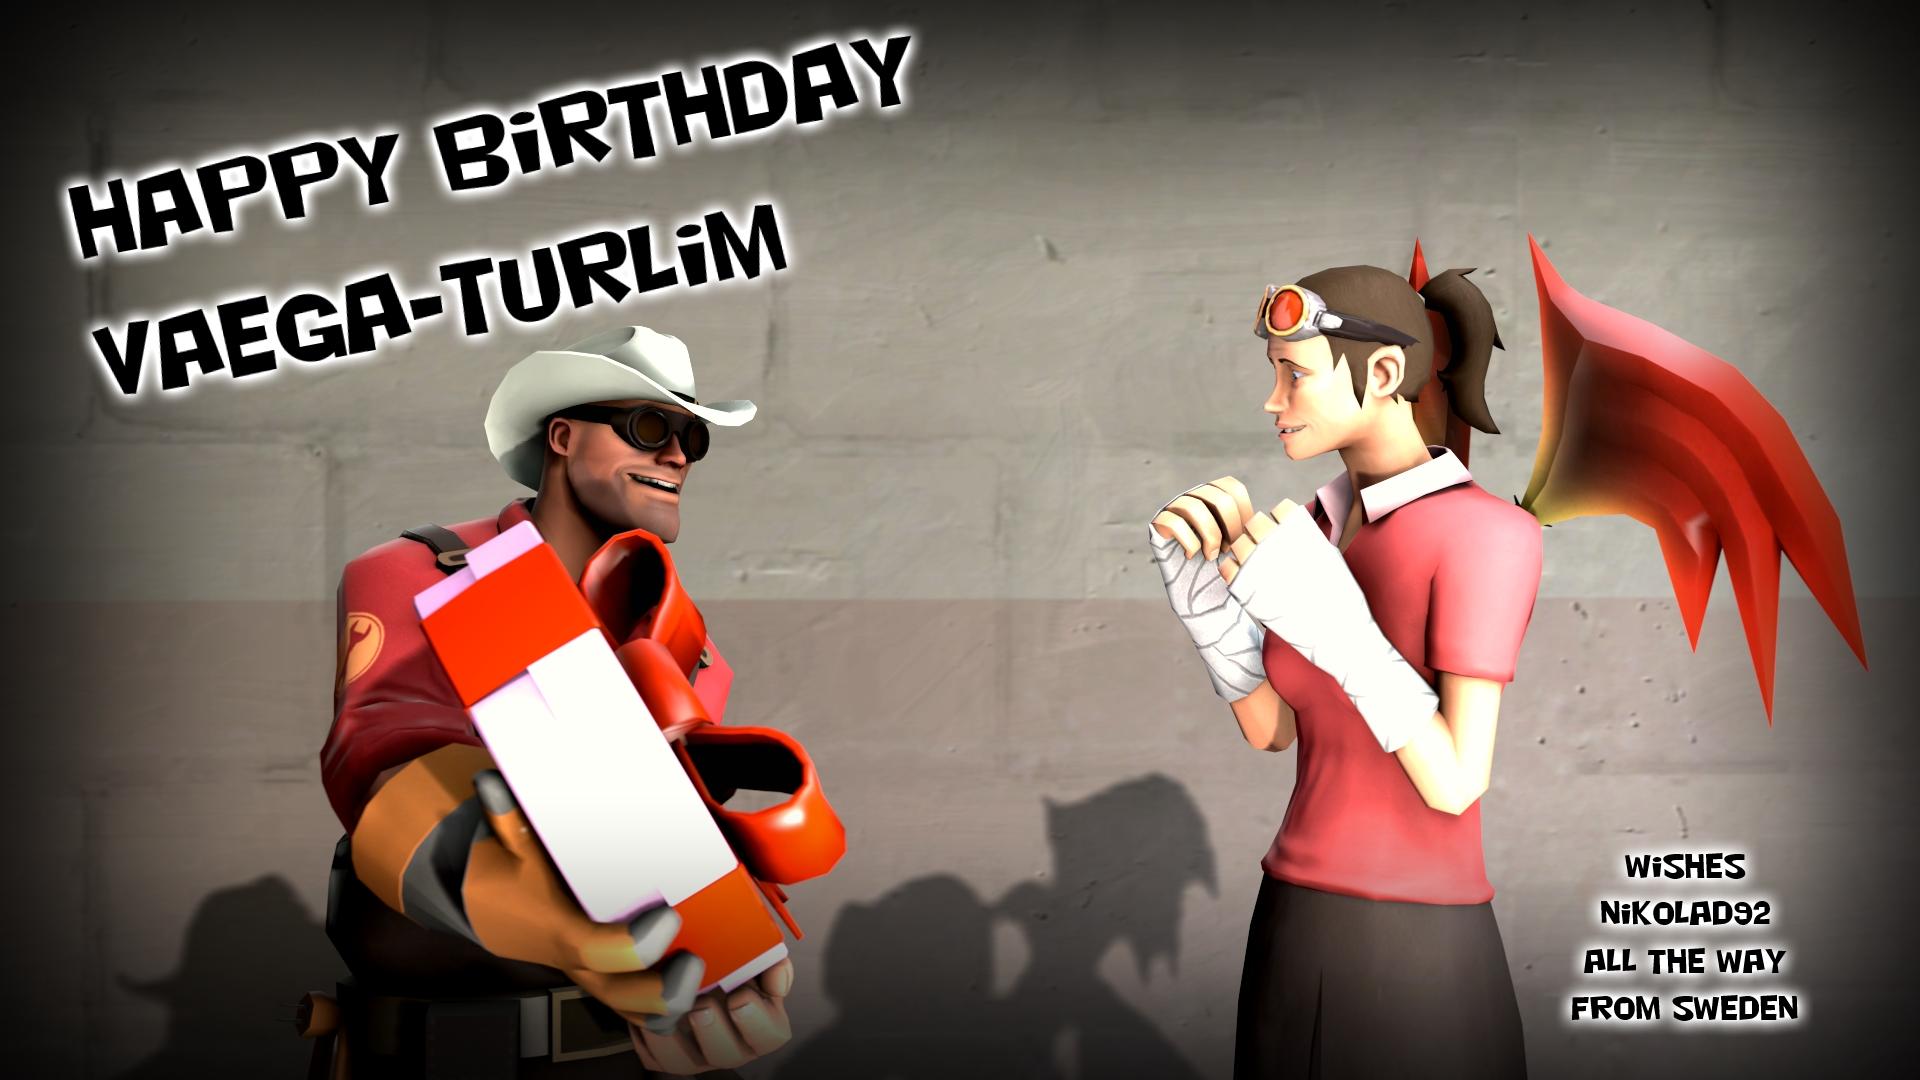 Happy BirthDay vaeGa-tURliM by Nikolad92